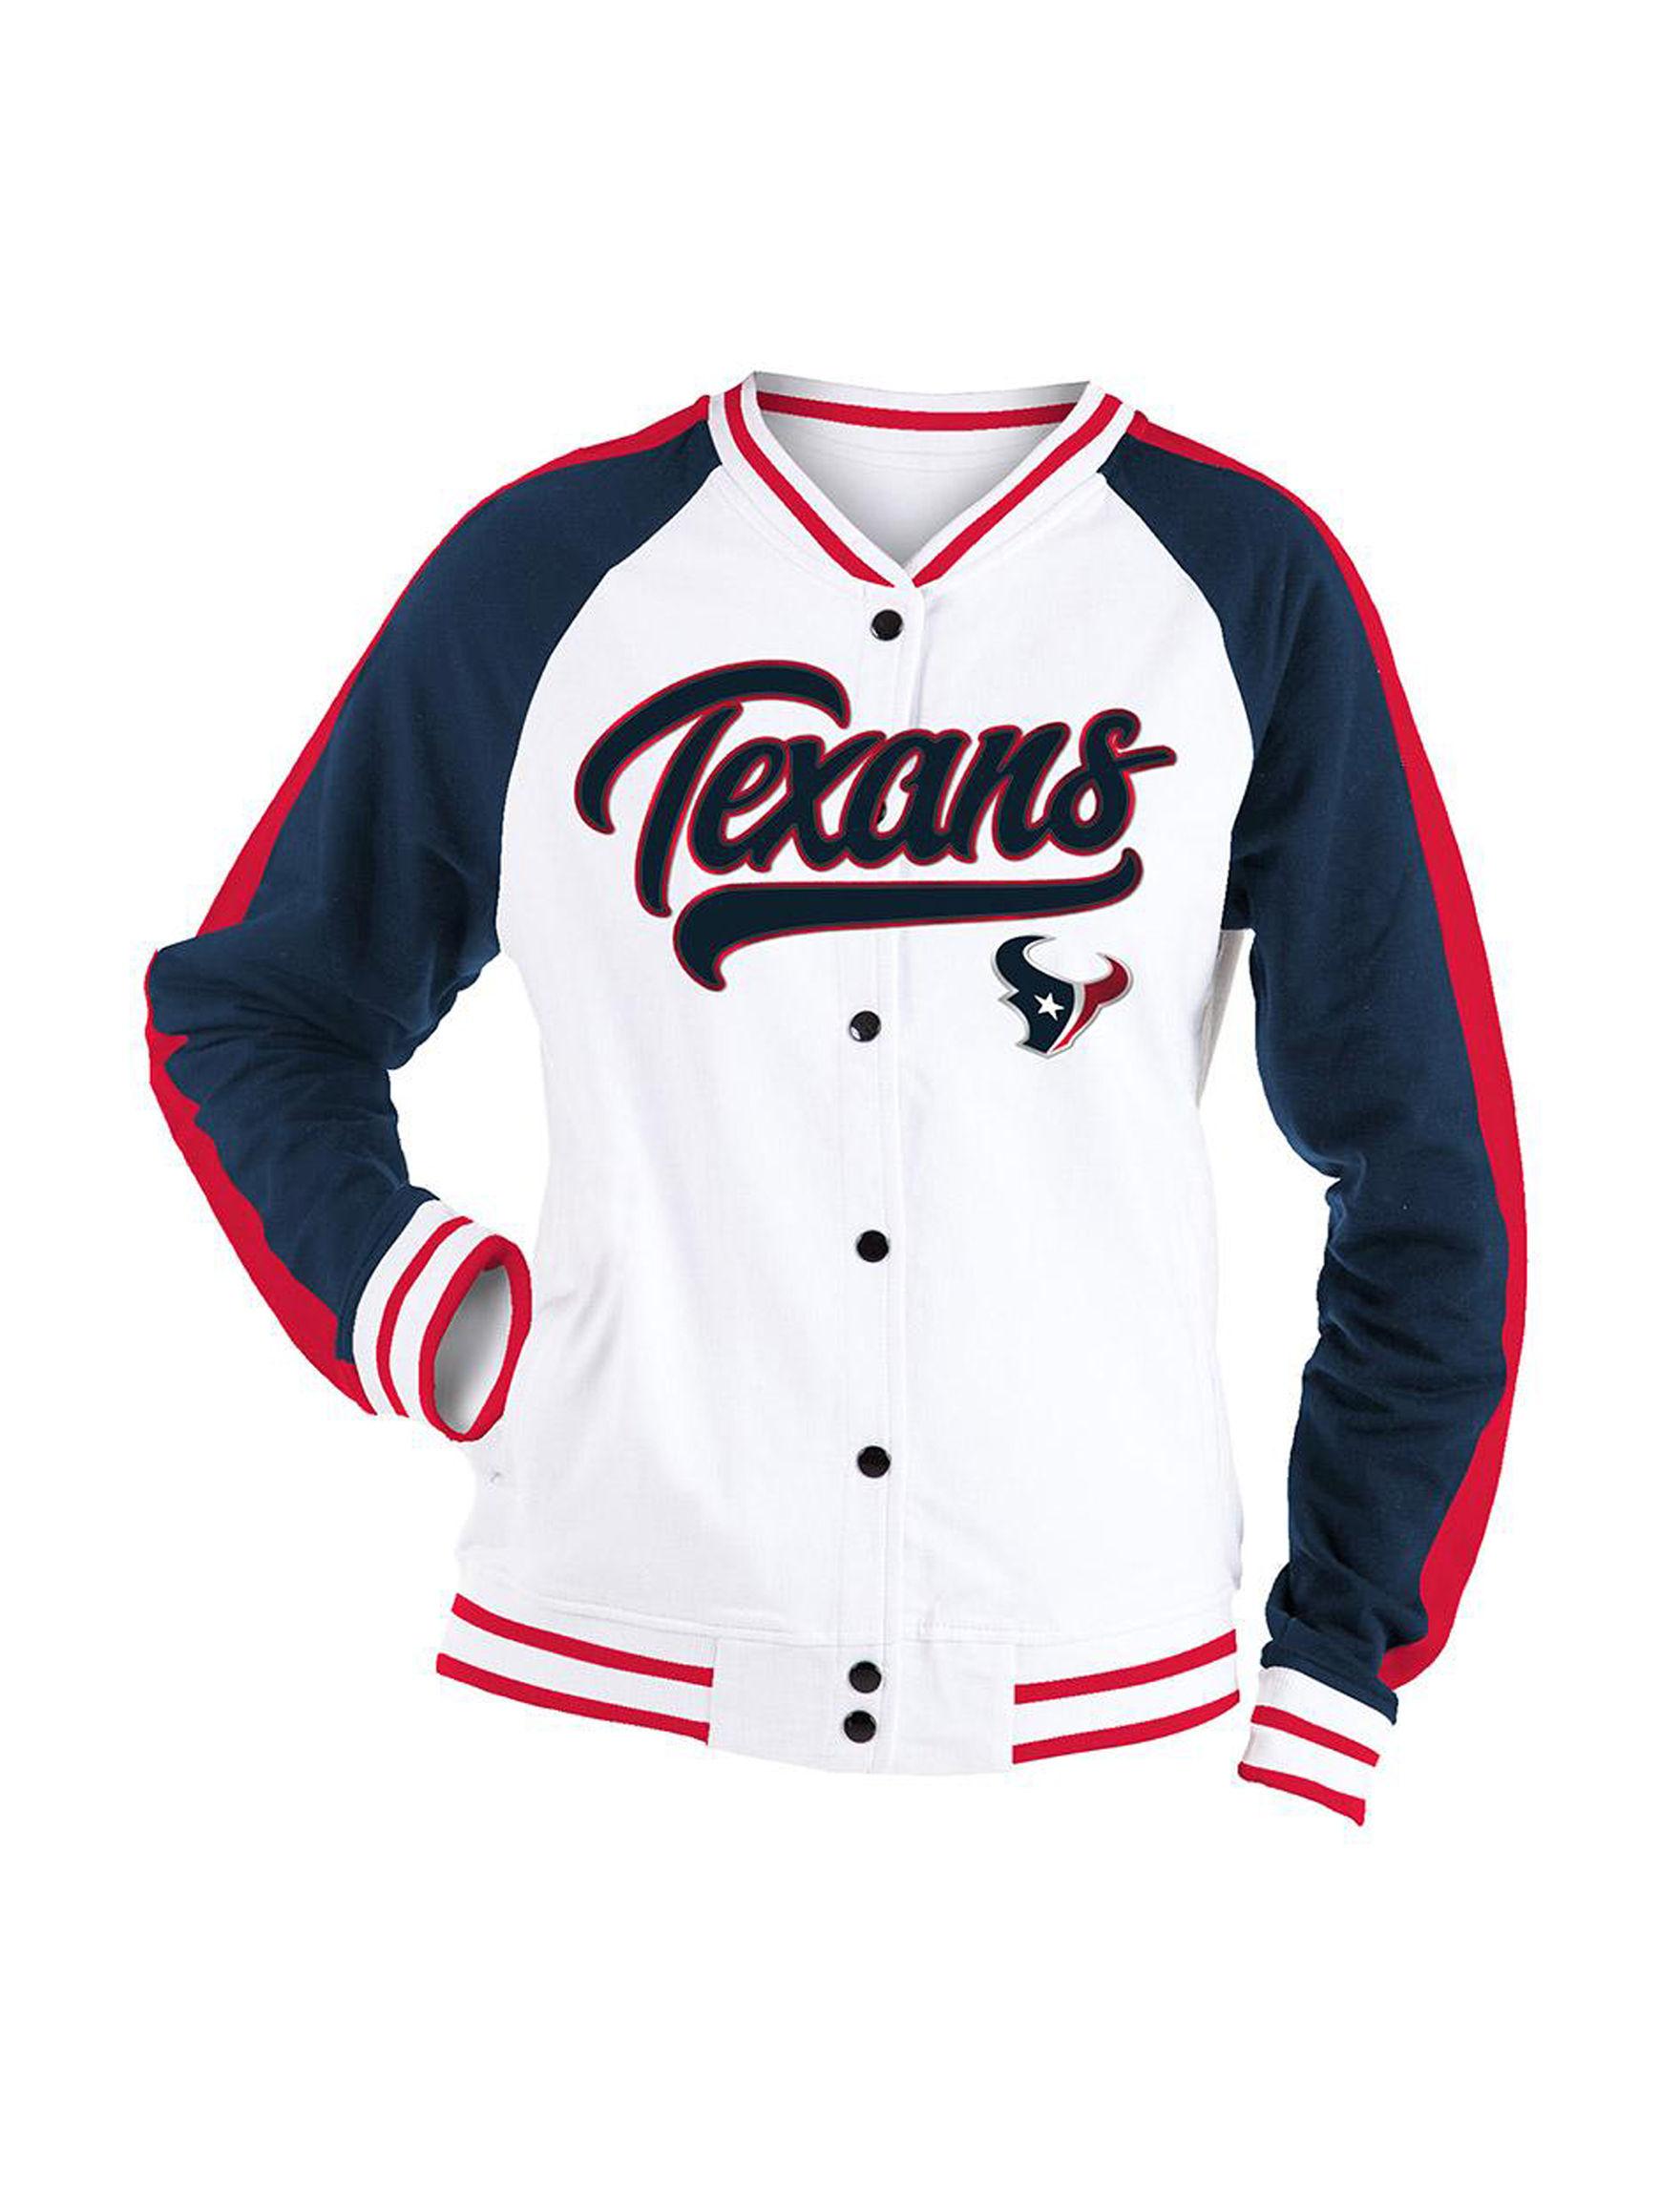 NFL White / Navy / Red Lightweight Jackets & Blazers